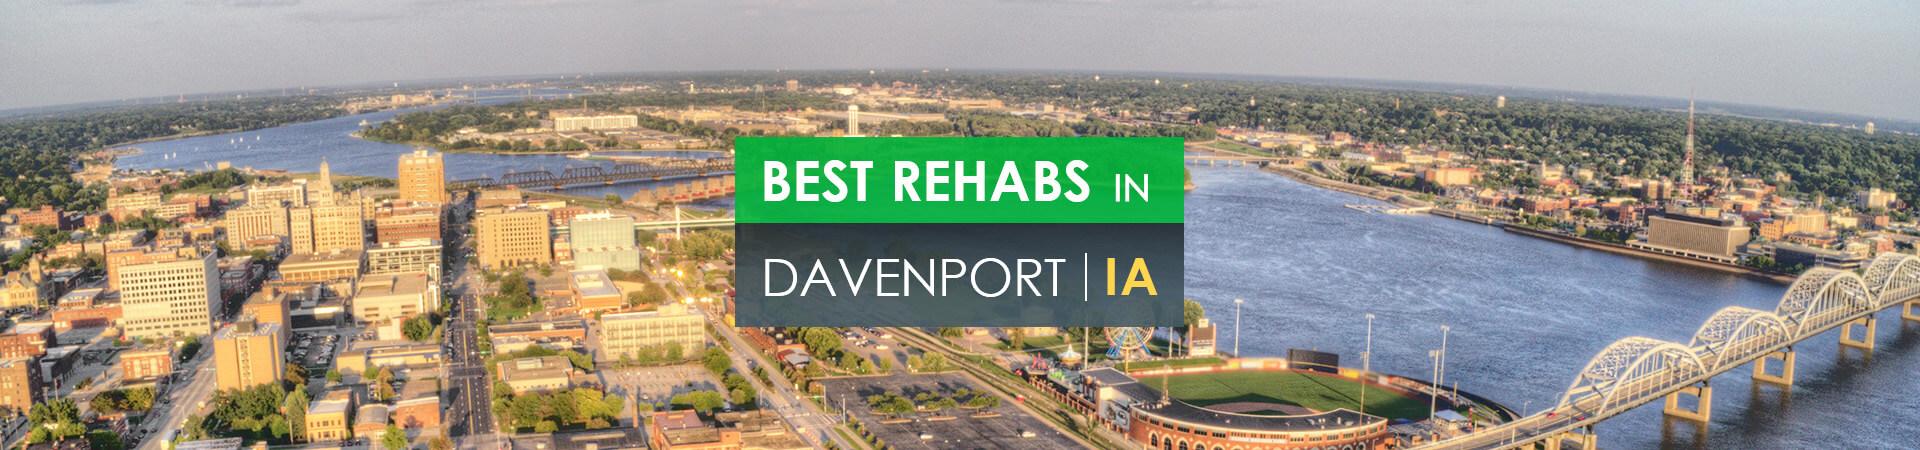 Best rehabs in Davenport, IA